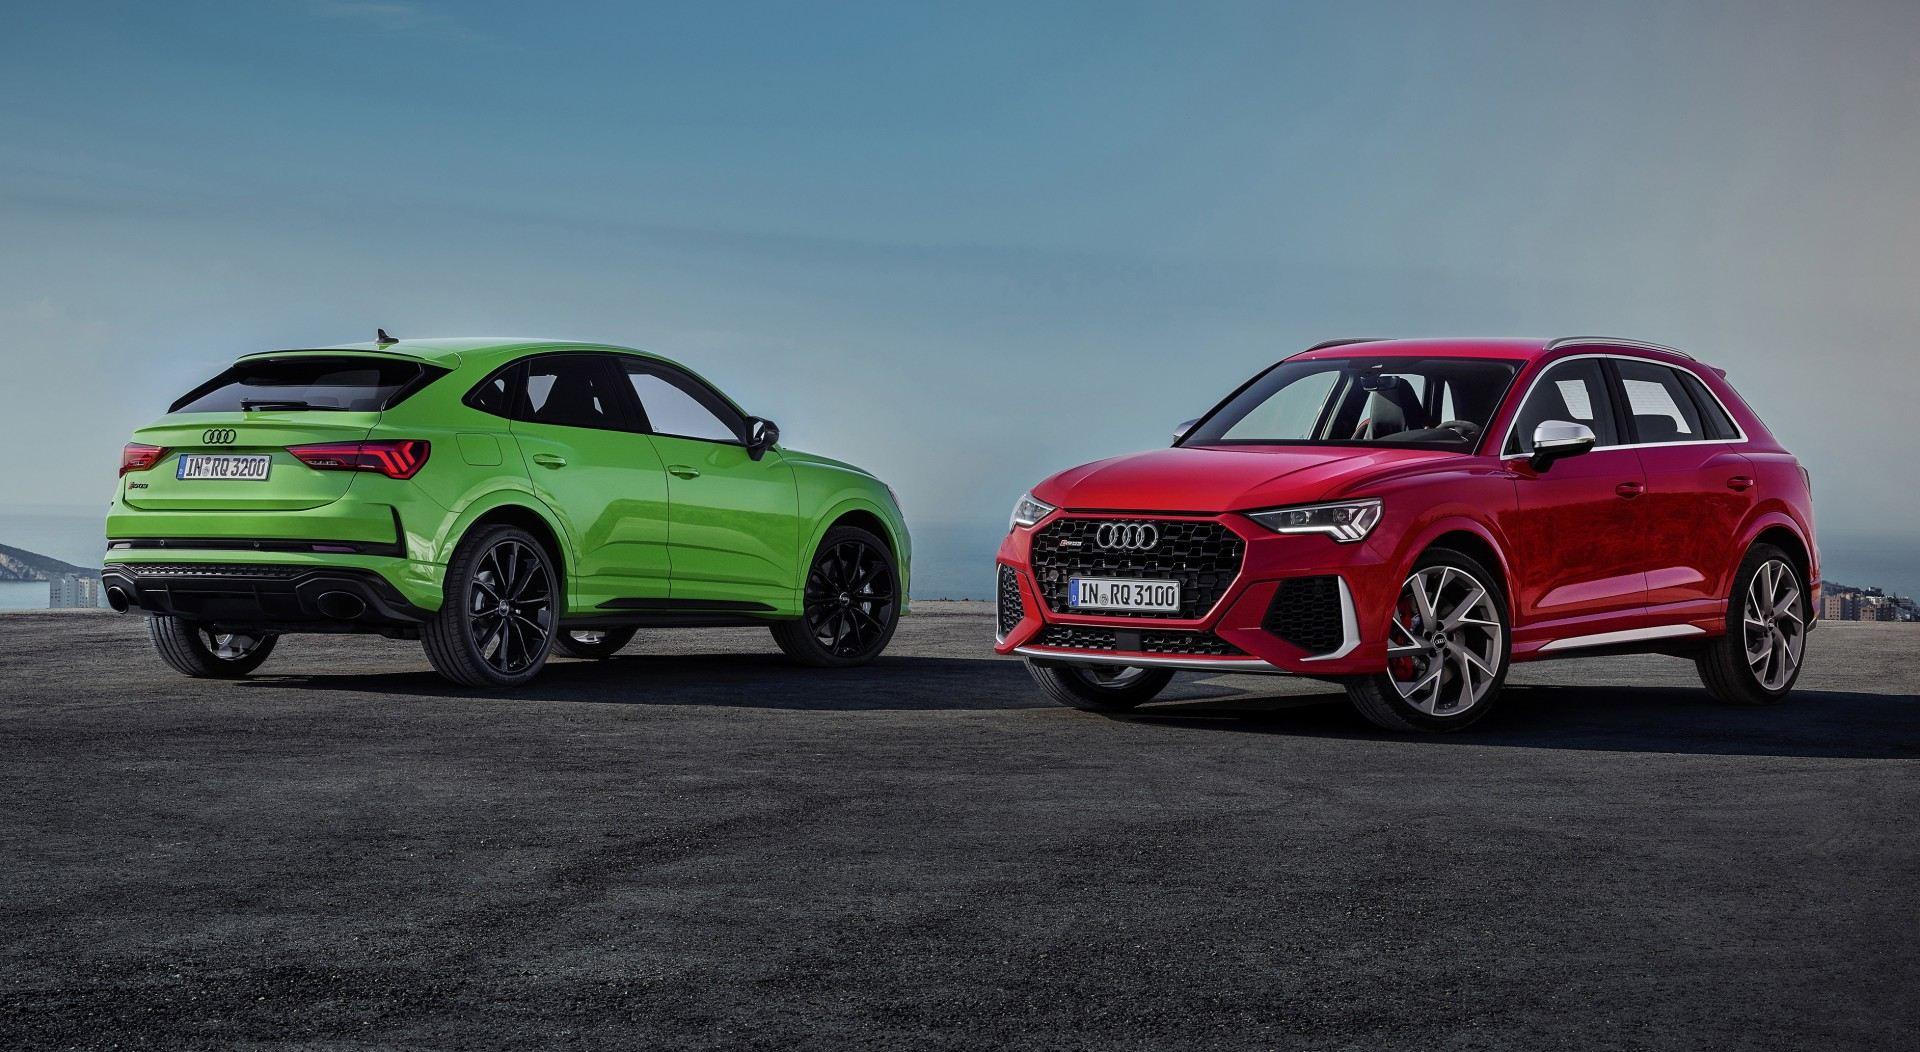 Audi RS Q3 y RS Q3 Sportback 2020, los SUV más potentes del segmento